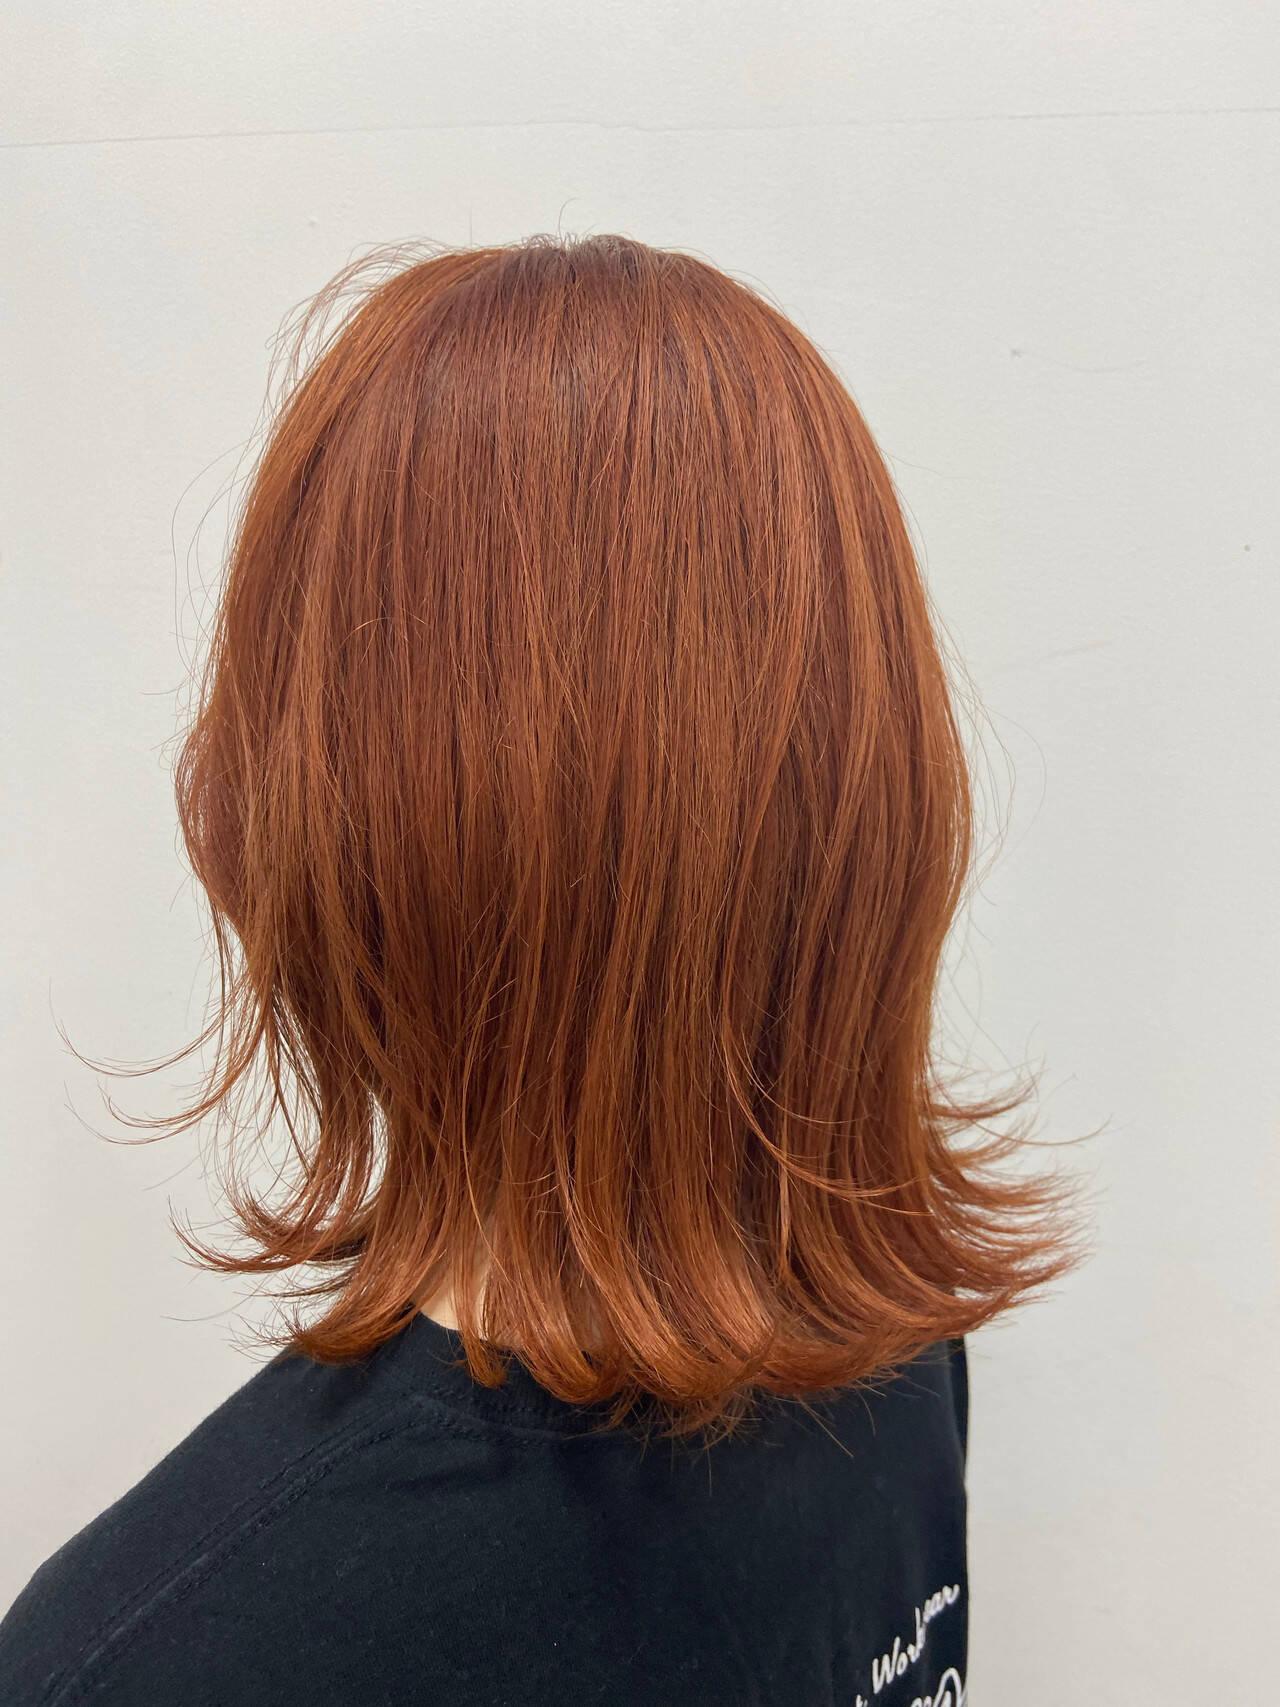 ナチュラル オレンジベージュ 外ハネボブ オレンジヘアスタイルや髪型の写真・画像